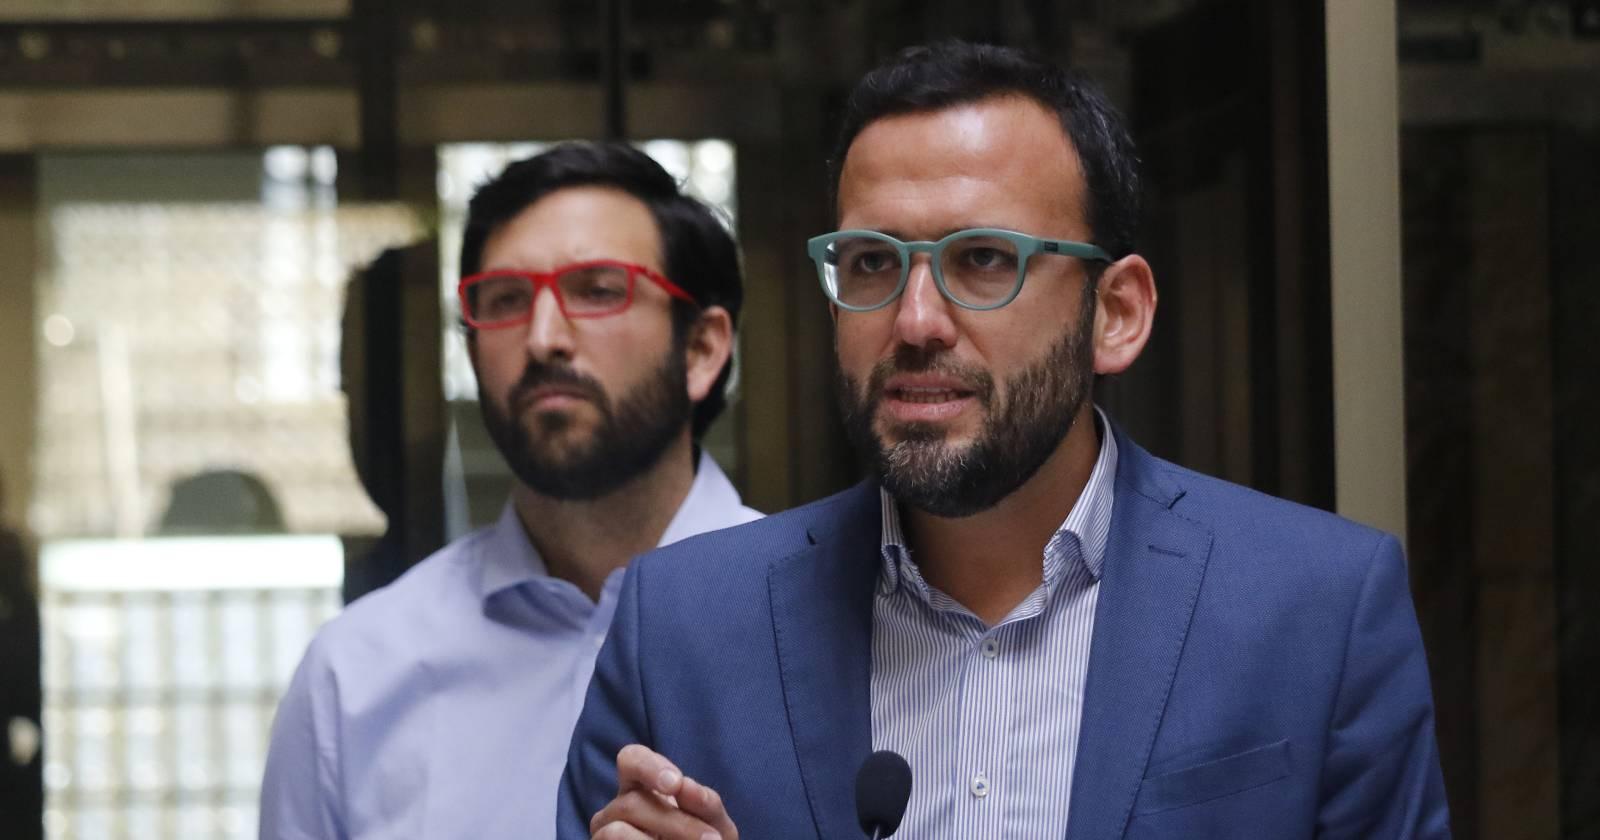 """Pablo Vidal (RD): """"No solo estamos en lo legal, sino que es la forma correcta de hacer política"""""""